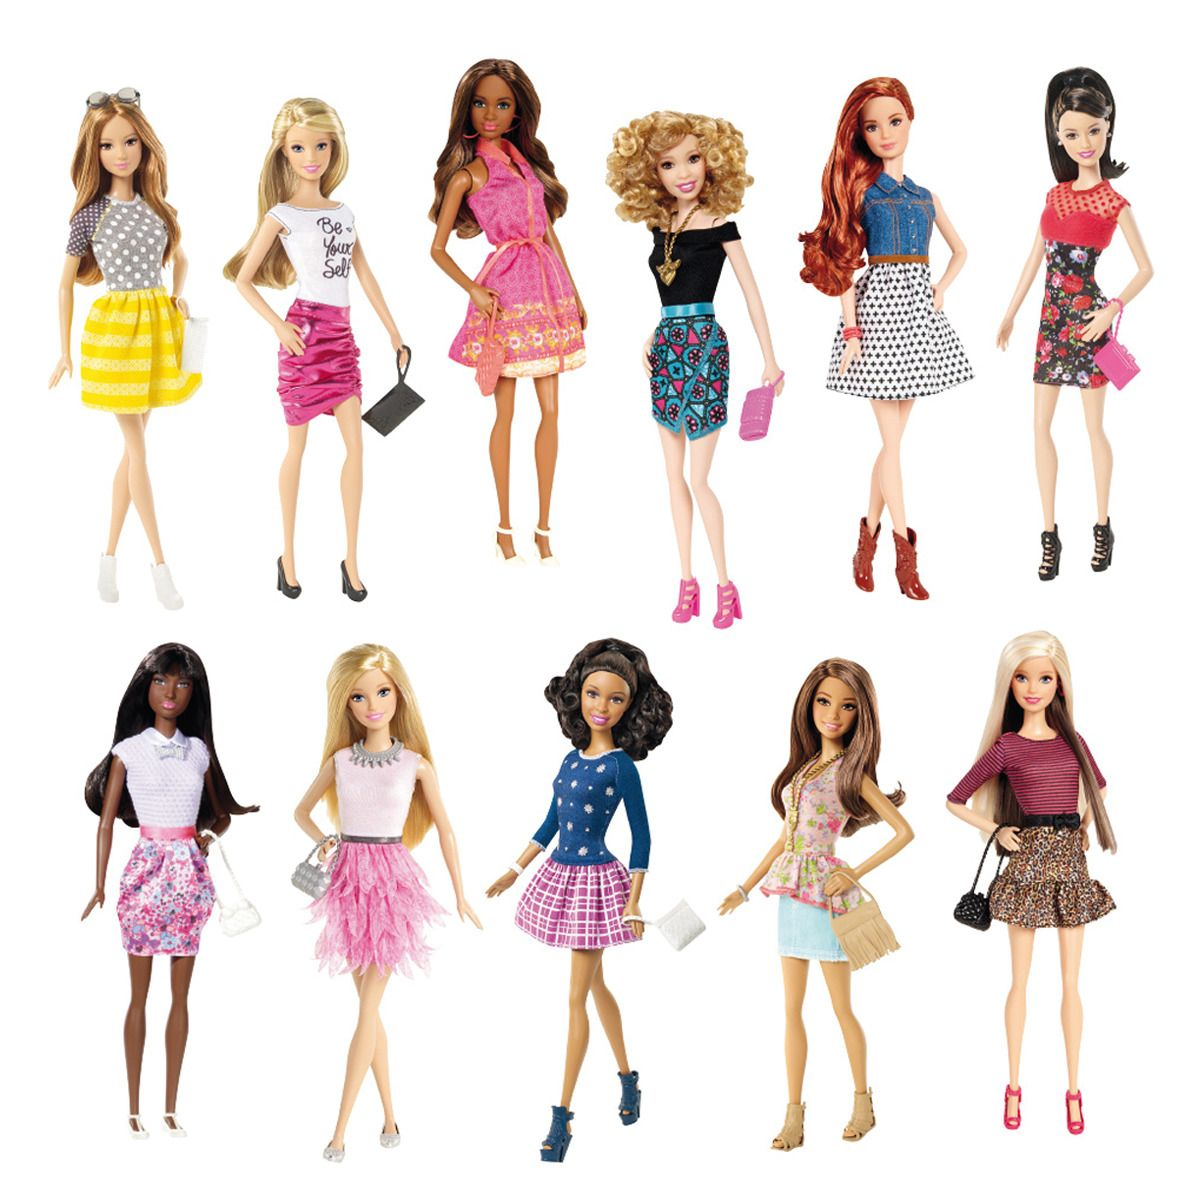 Muñeca Barbie Fashionista Mattel   Fernanda   Barbie ...